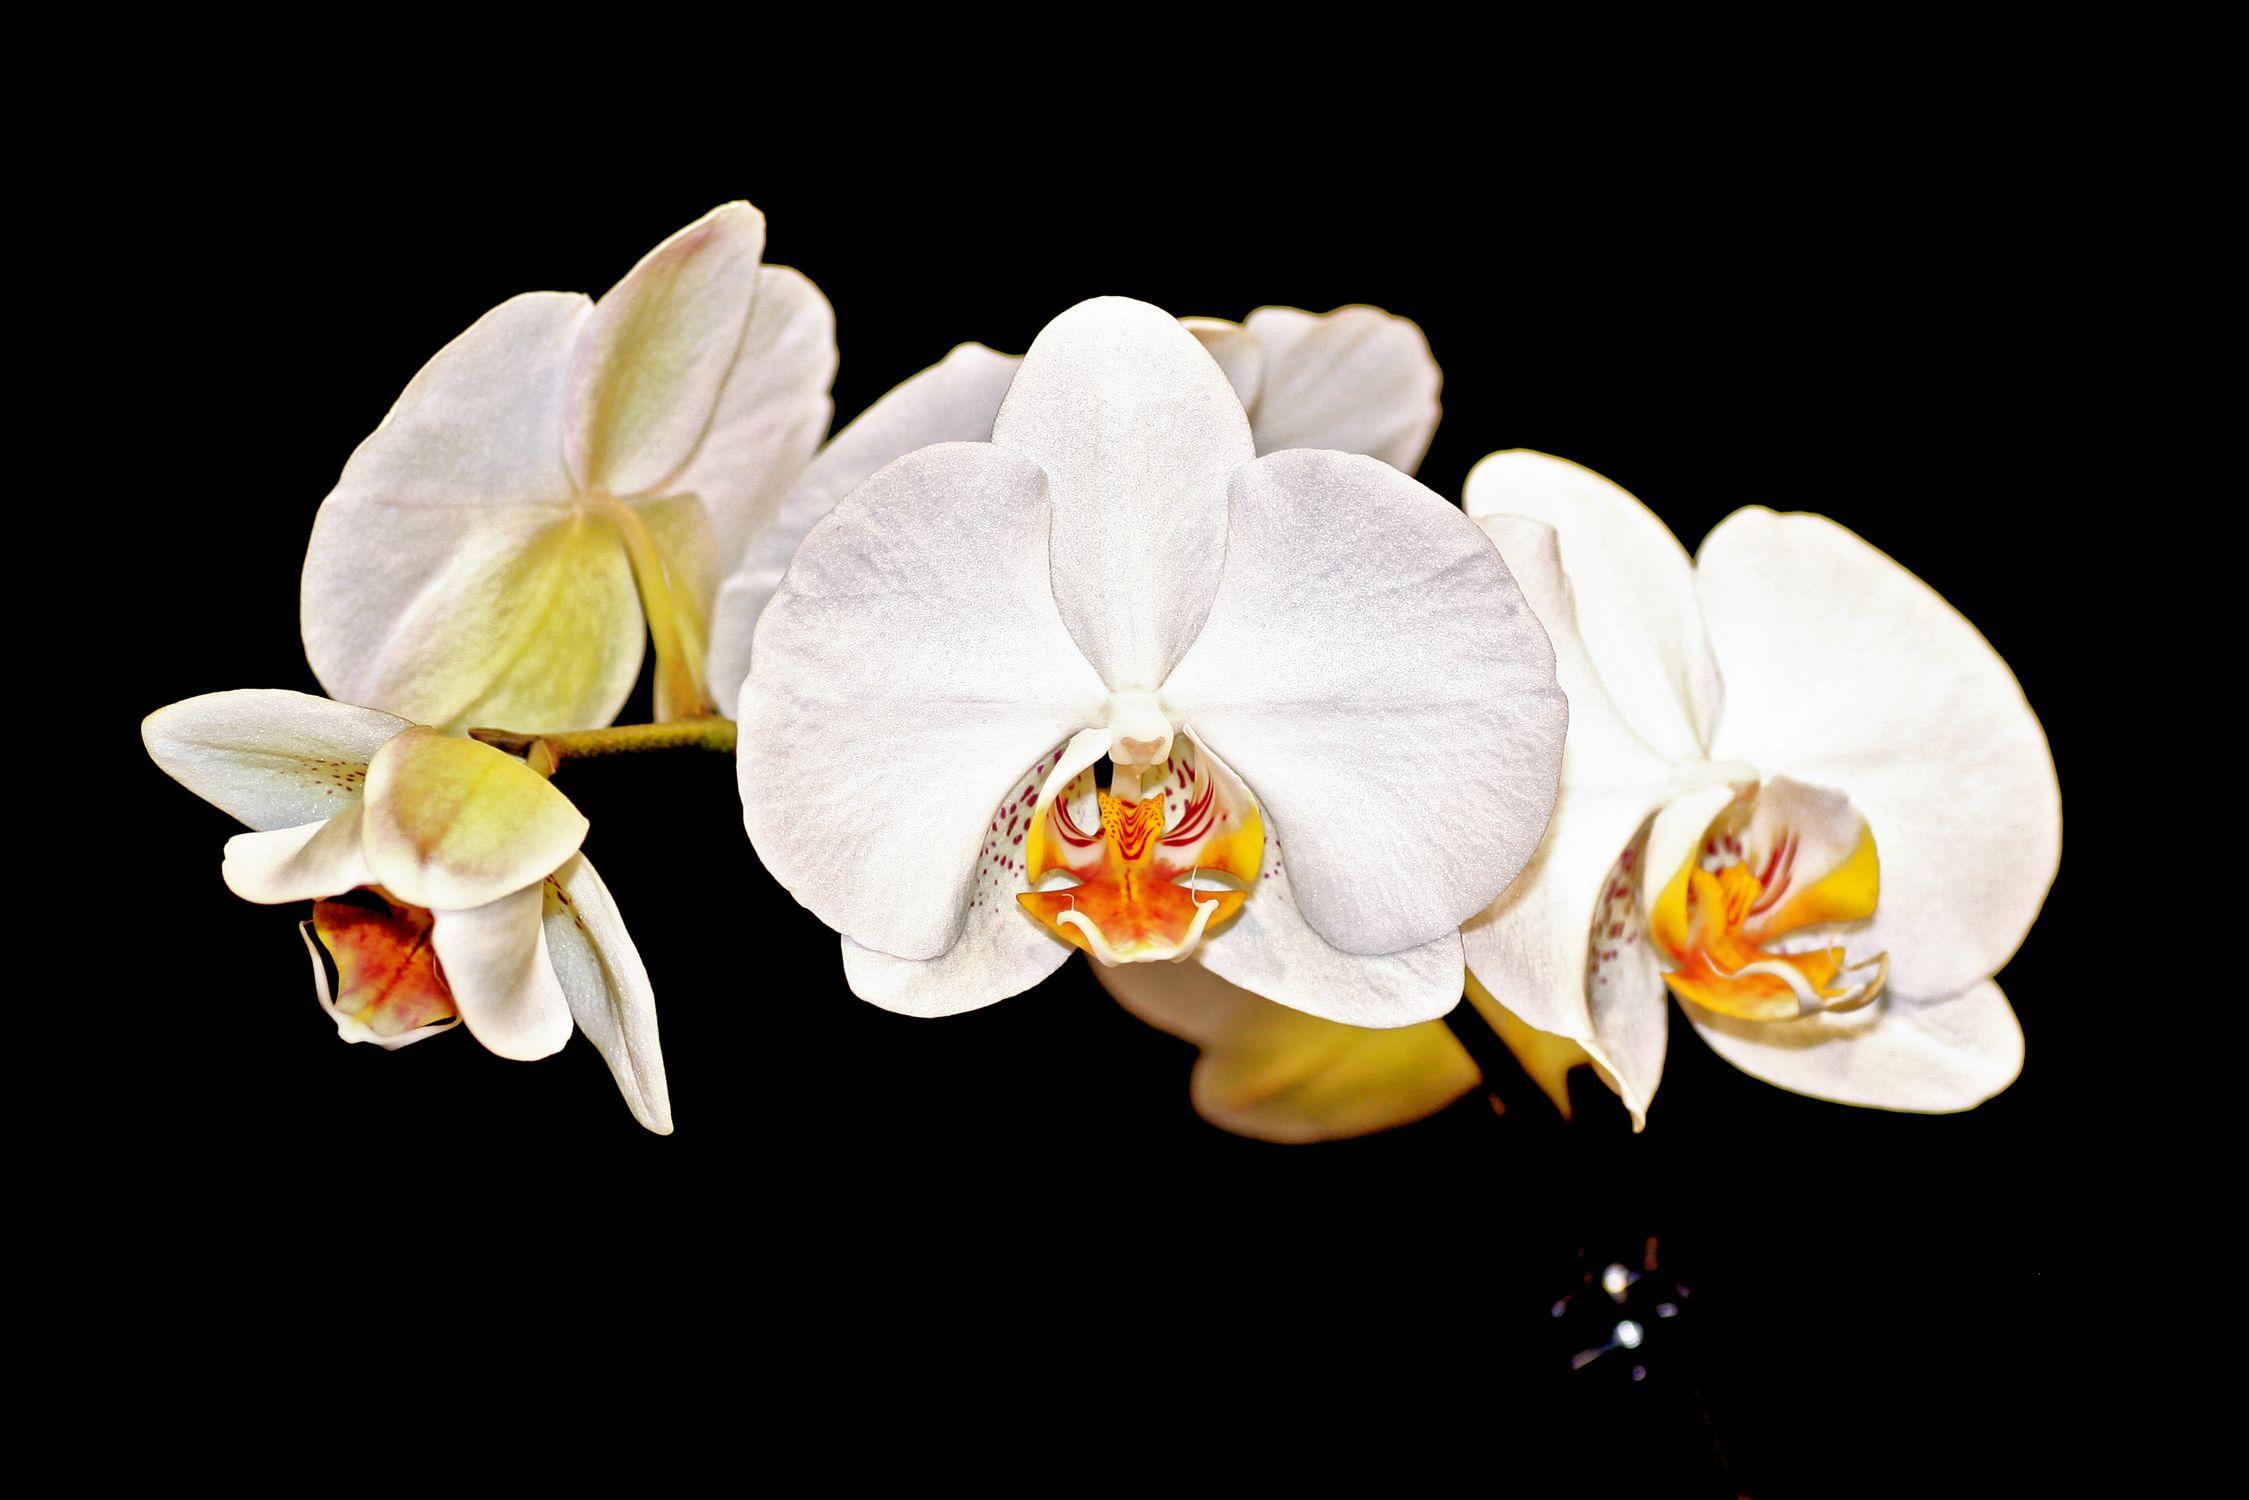 Bild mit Natur, Pflanzen, Blumen, Orchideen, Blume, Orchidee, Orchid, Orchids, Orchideengewächse, Pflanze, Orchidaceae, Grammatophyllum speciosum, weiße Orchideen vor schwarzen Hintergrund, Tiger Orchidee